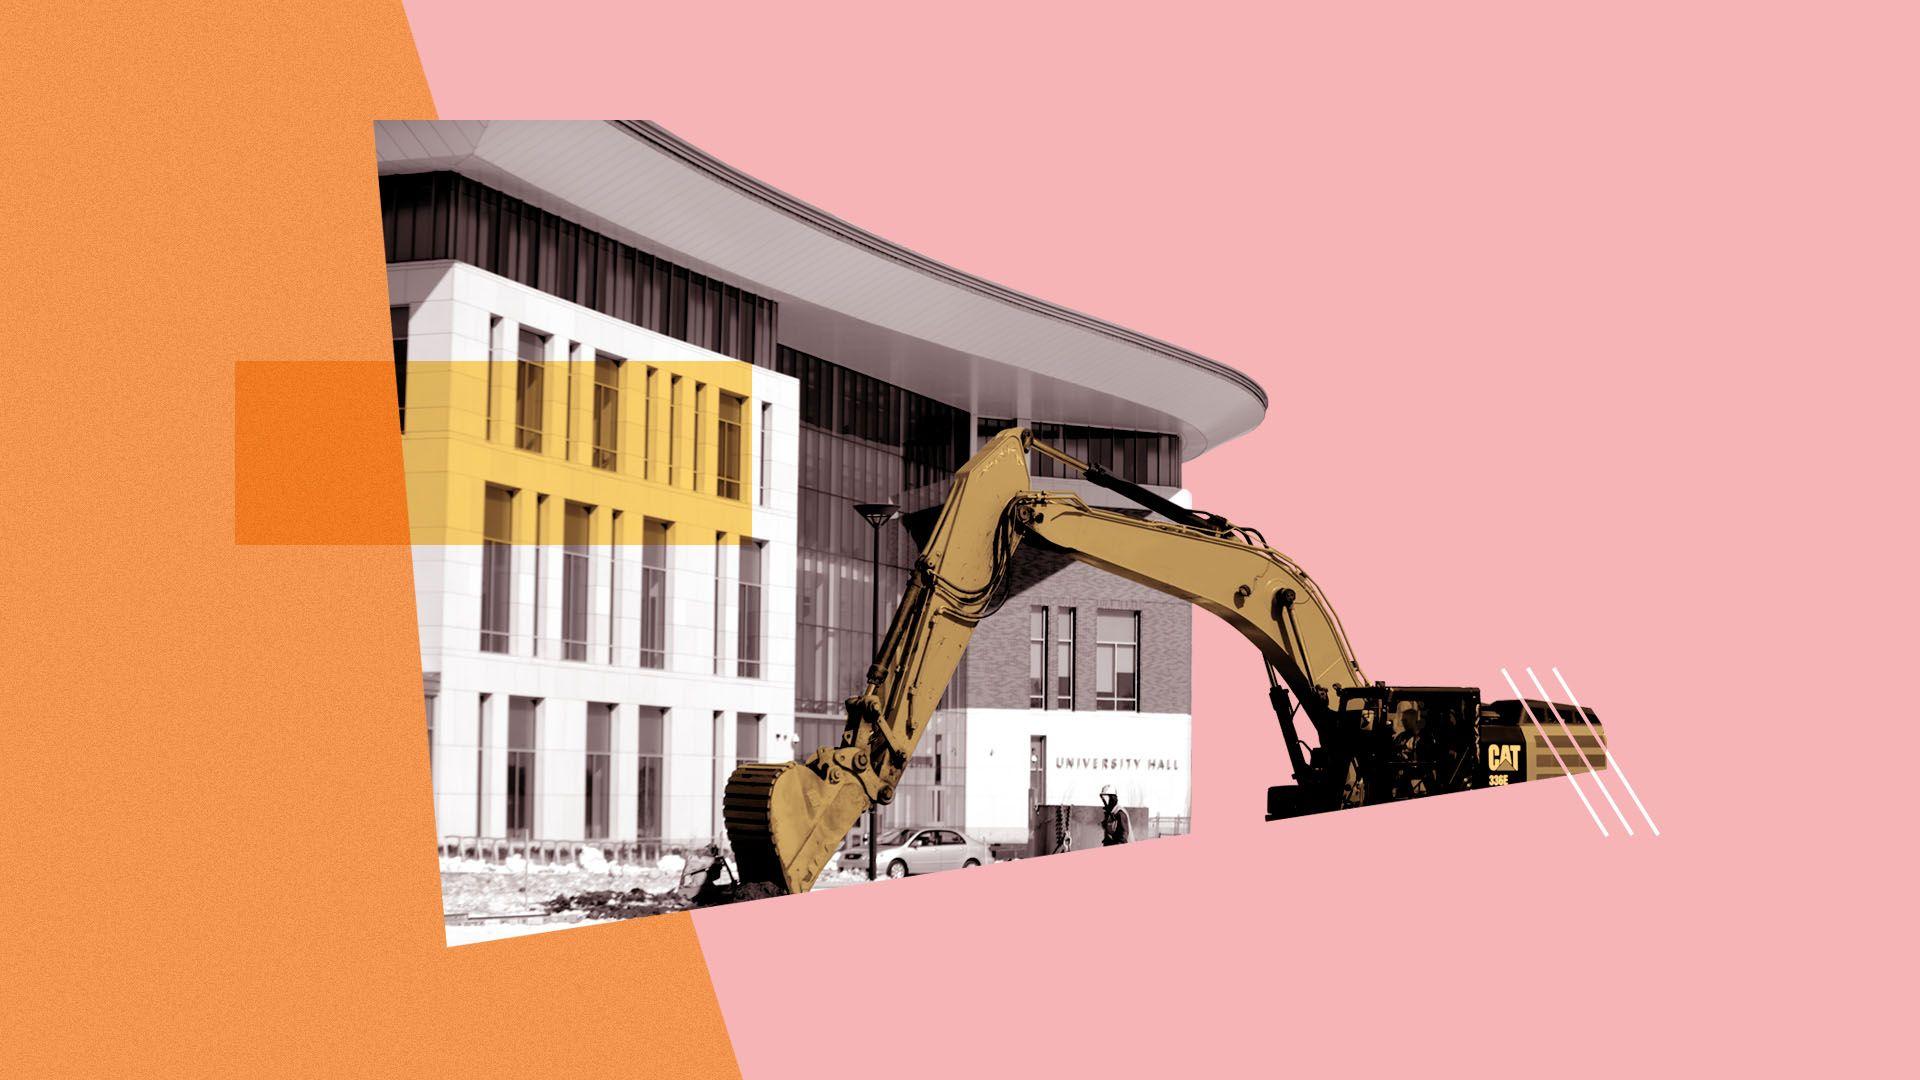 Photo illustration of construction taking place at UMass Boston